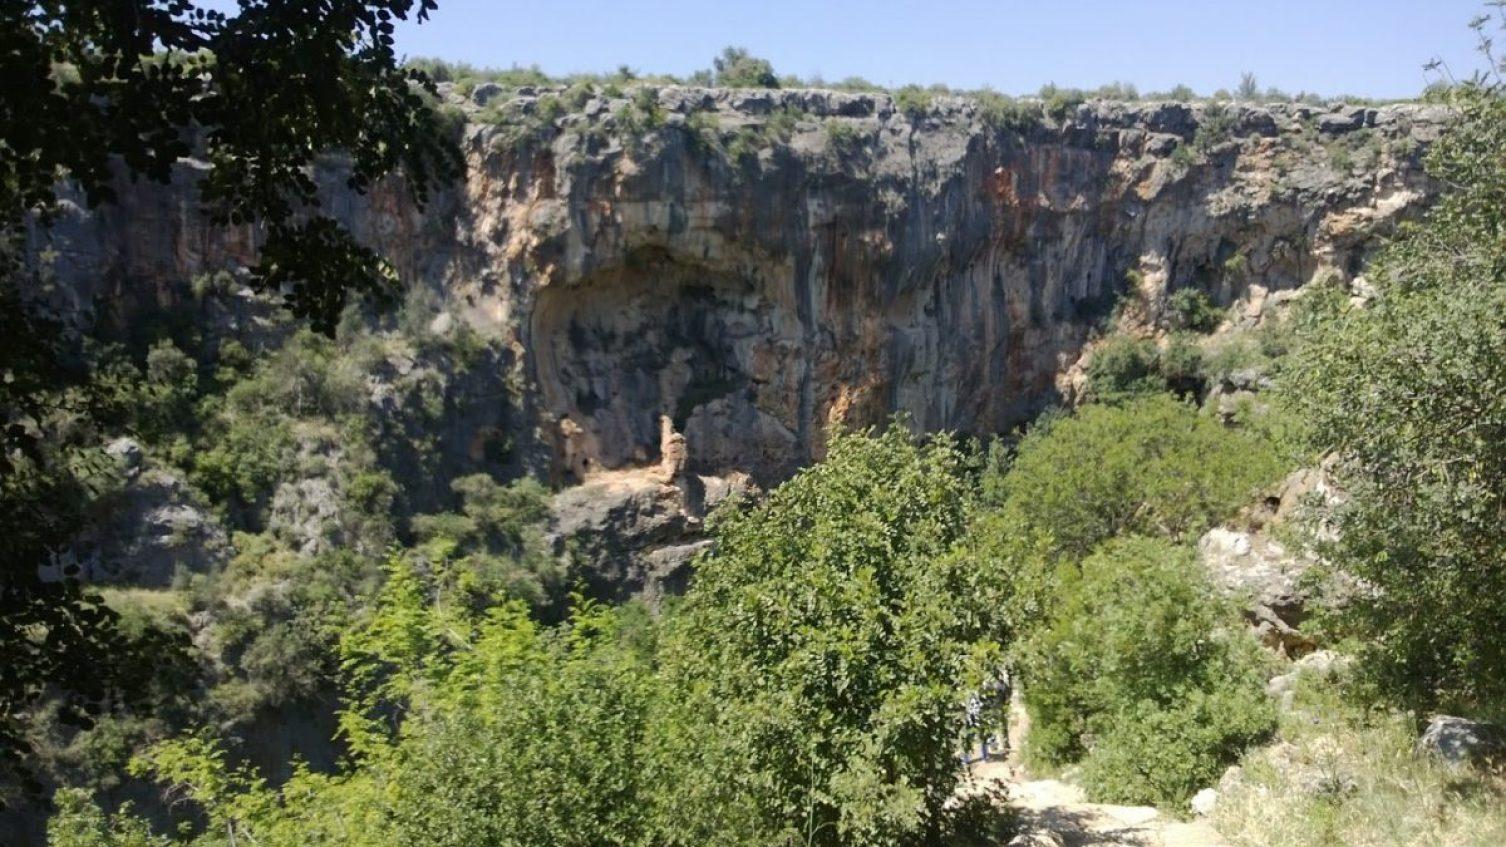 Cennet Cehennem Mağarası 4